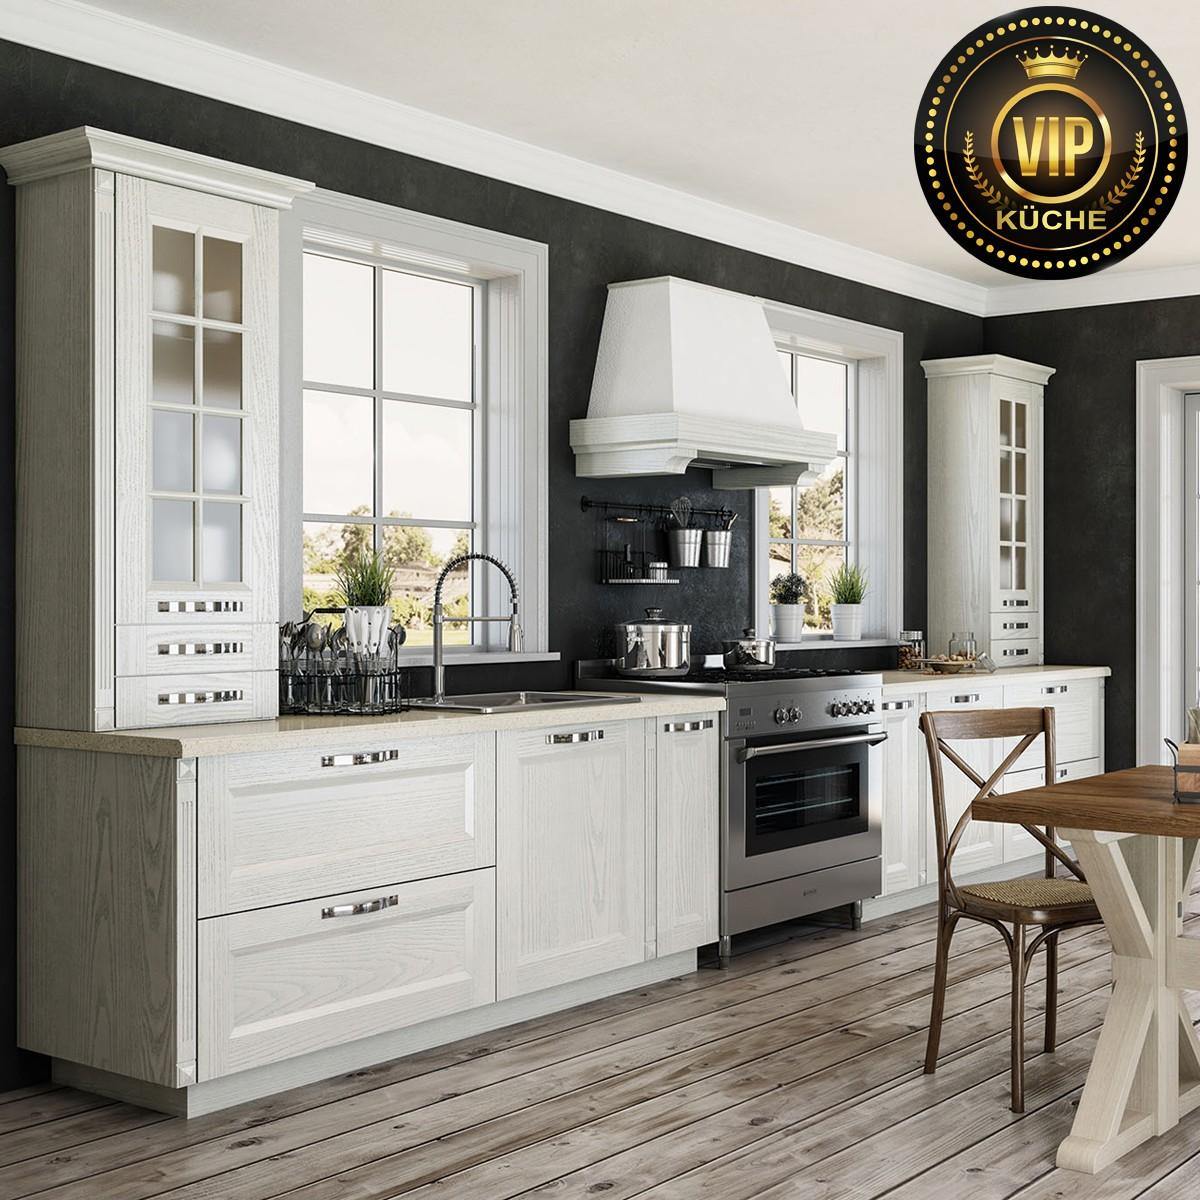 Küchenschrank Weiß Holz